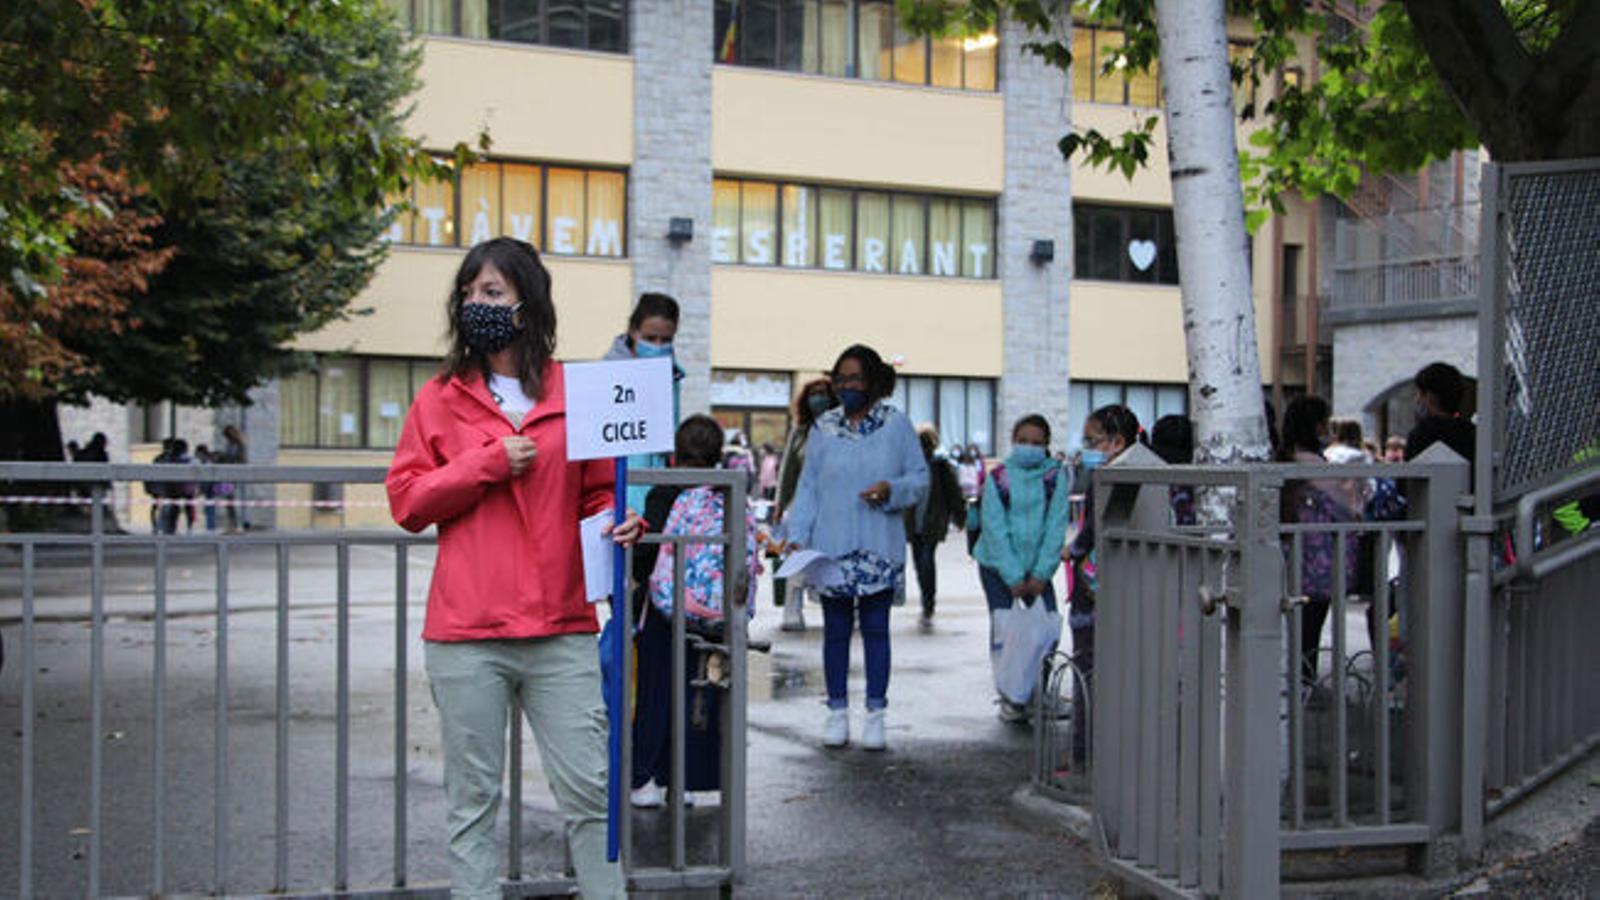 Mestra espera els alumnes de 2n cicle per poder entrar junts a l'aula. / ANA